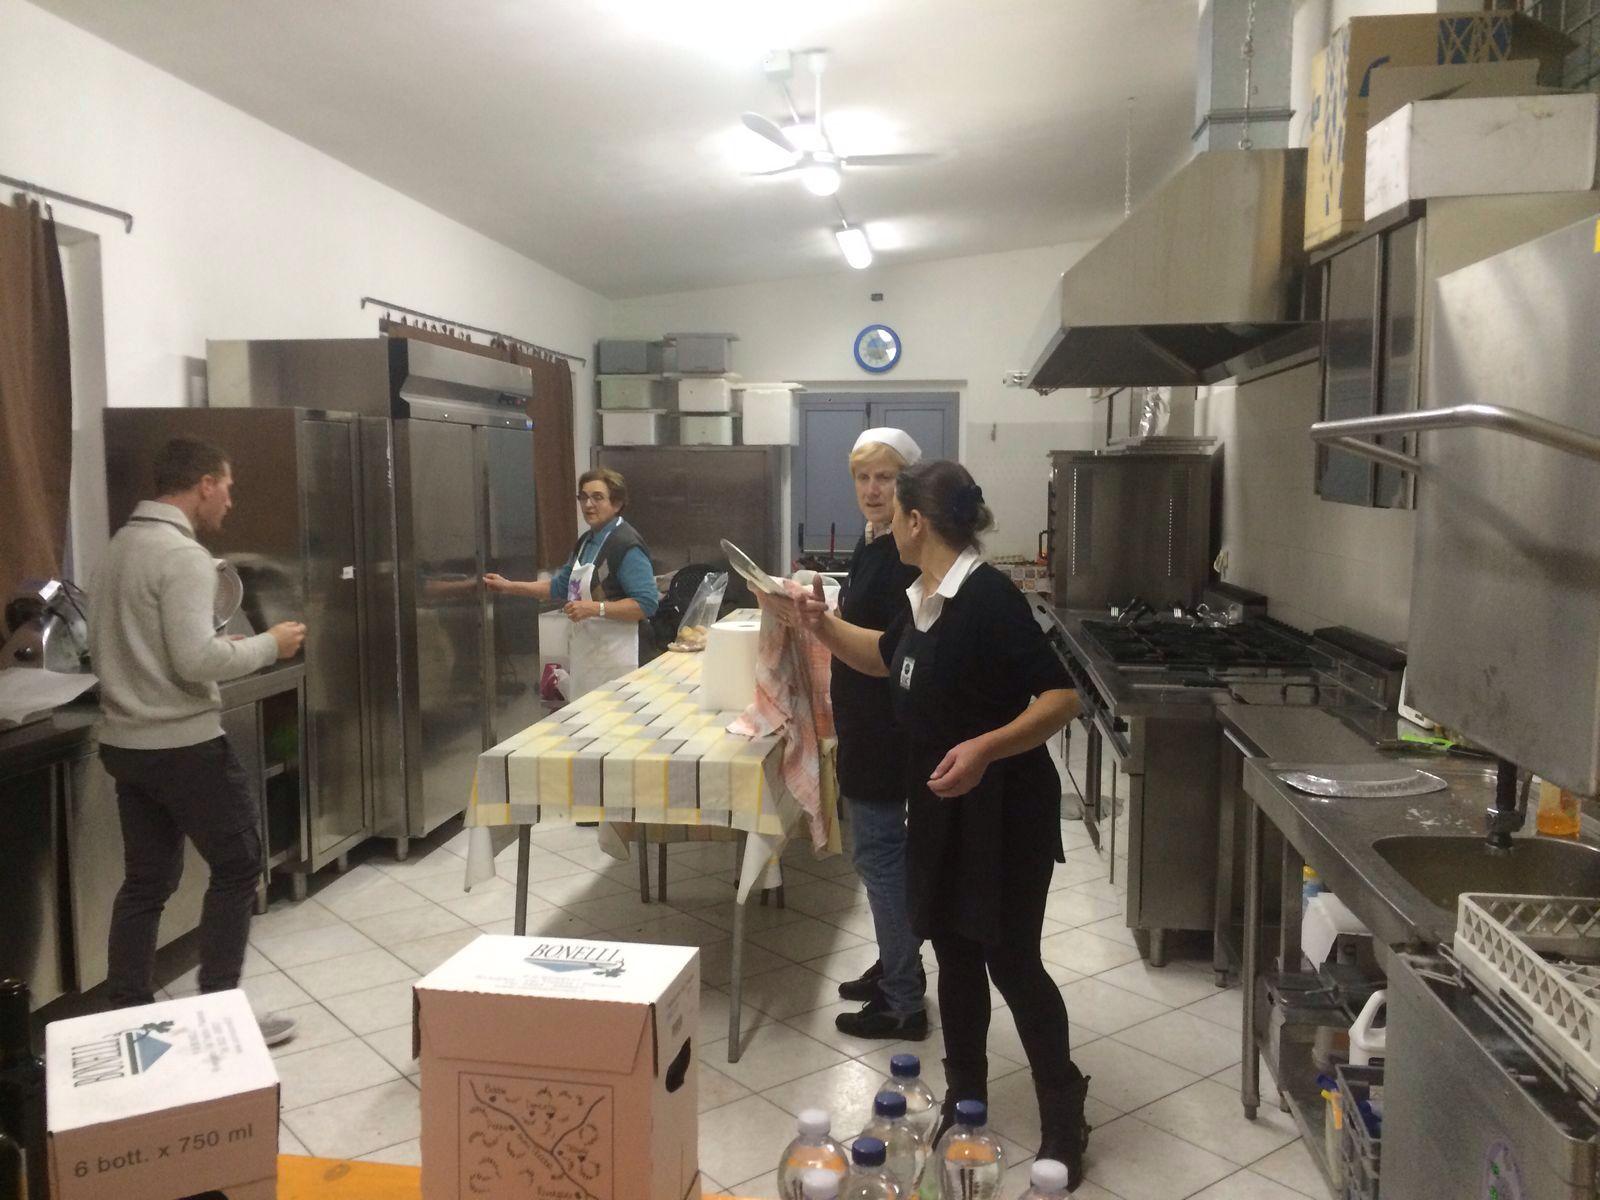 Maria Rosa, Enrica e Marisa, ovvero le cuoche della parrocchia immortalate nel loro regno, sempre pronte a sfornare prelibatezze.